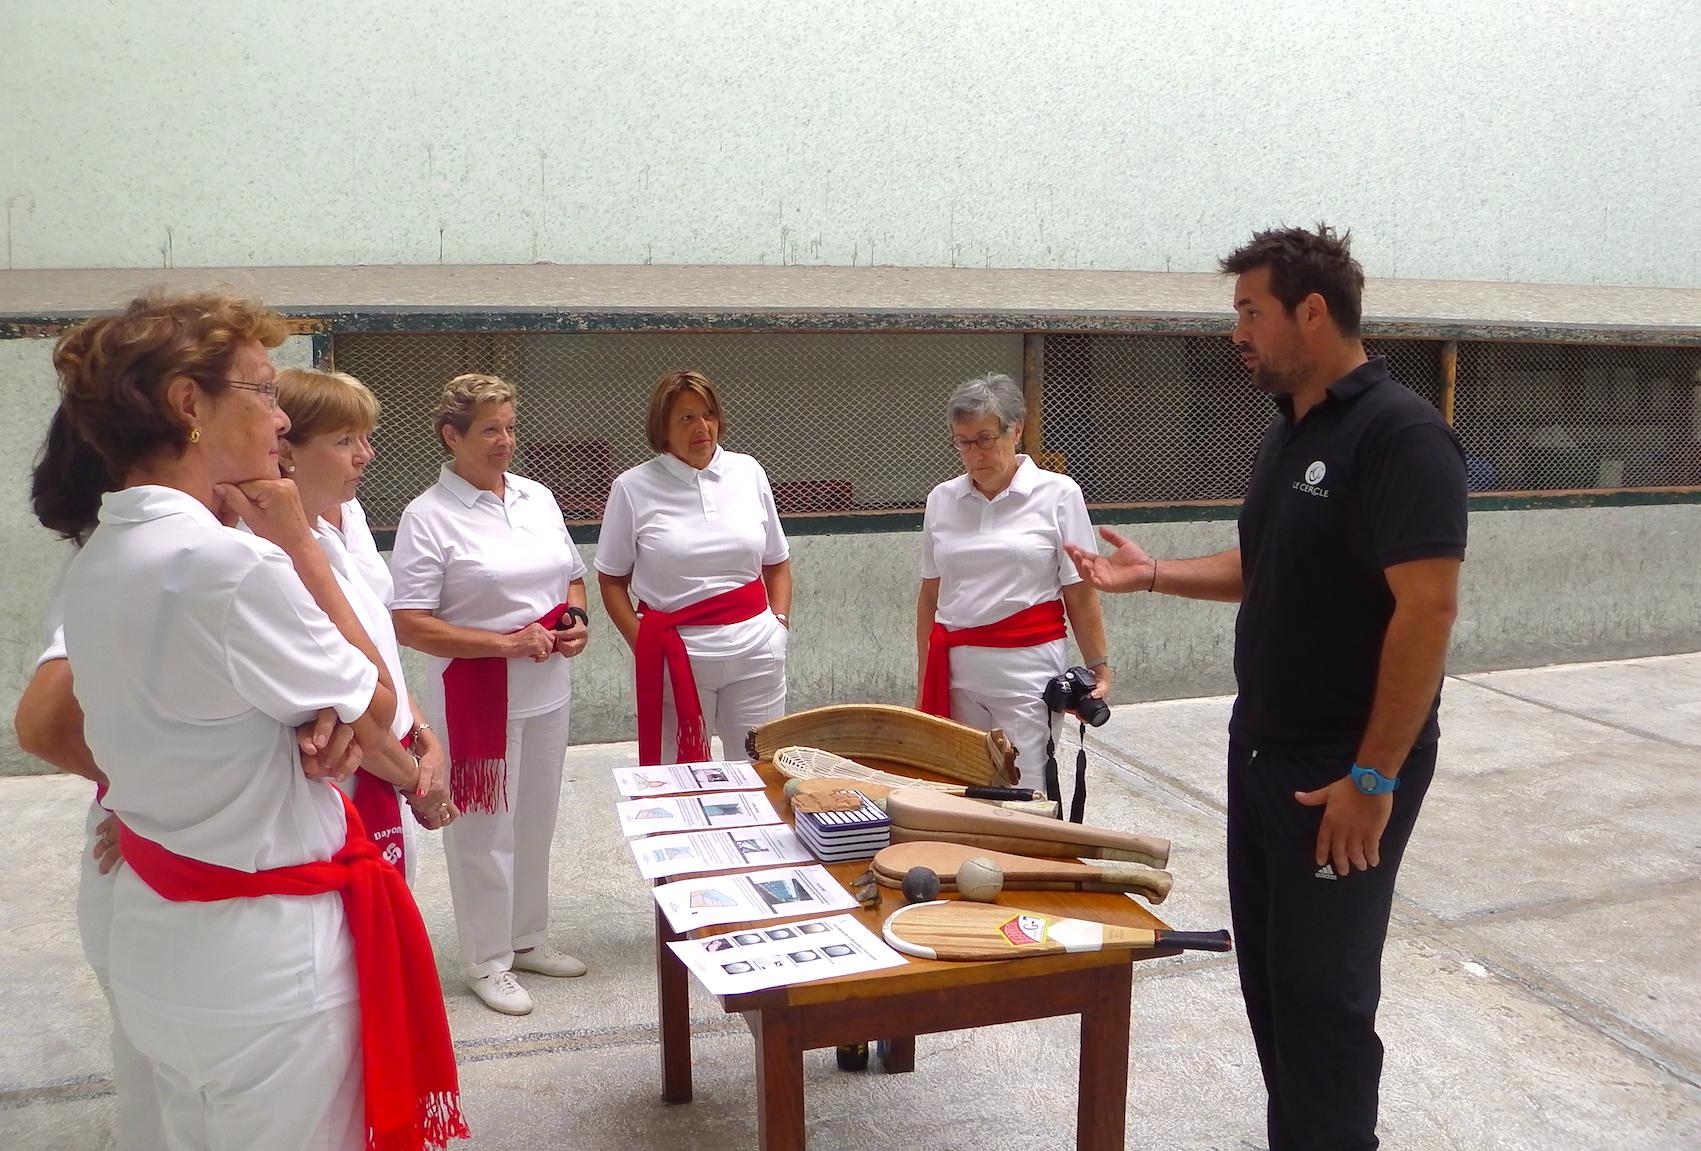 journée-visite-saint-jean-de-luz-agence-voyage-pays-basque-initiation-pelote-basque-1